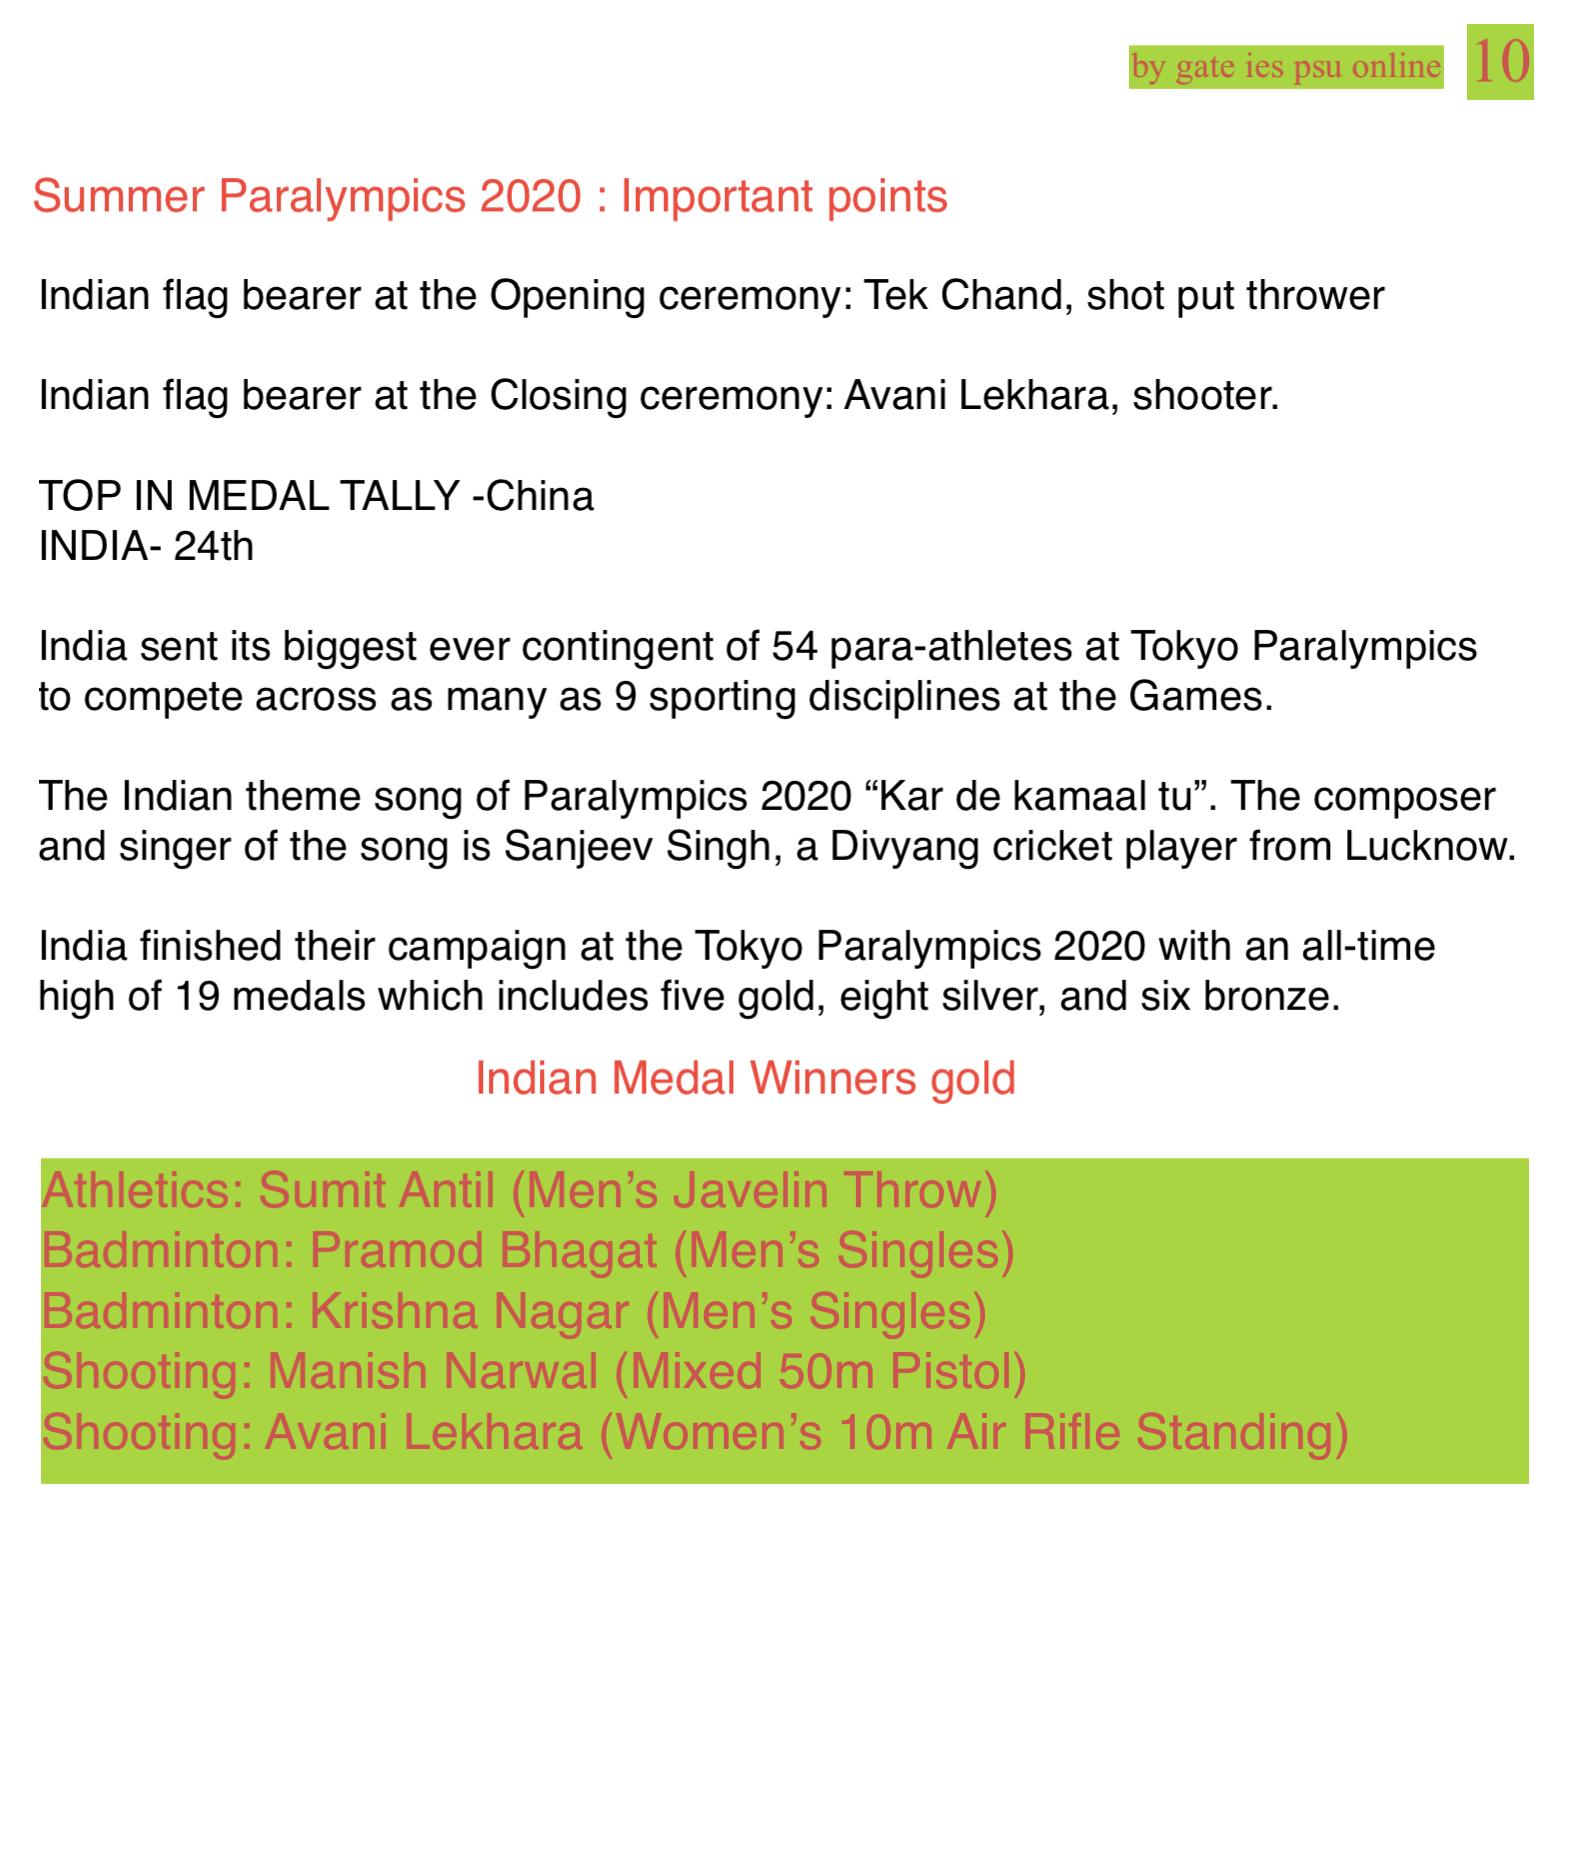 Summer Paralympics 2020 UPSC Current Affairs